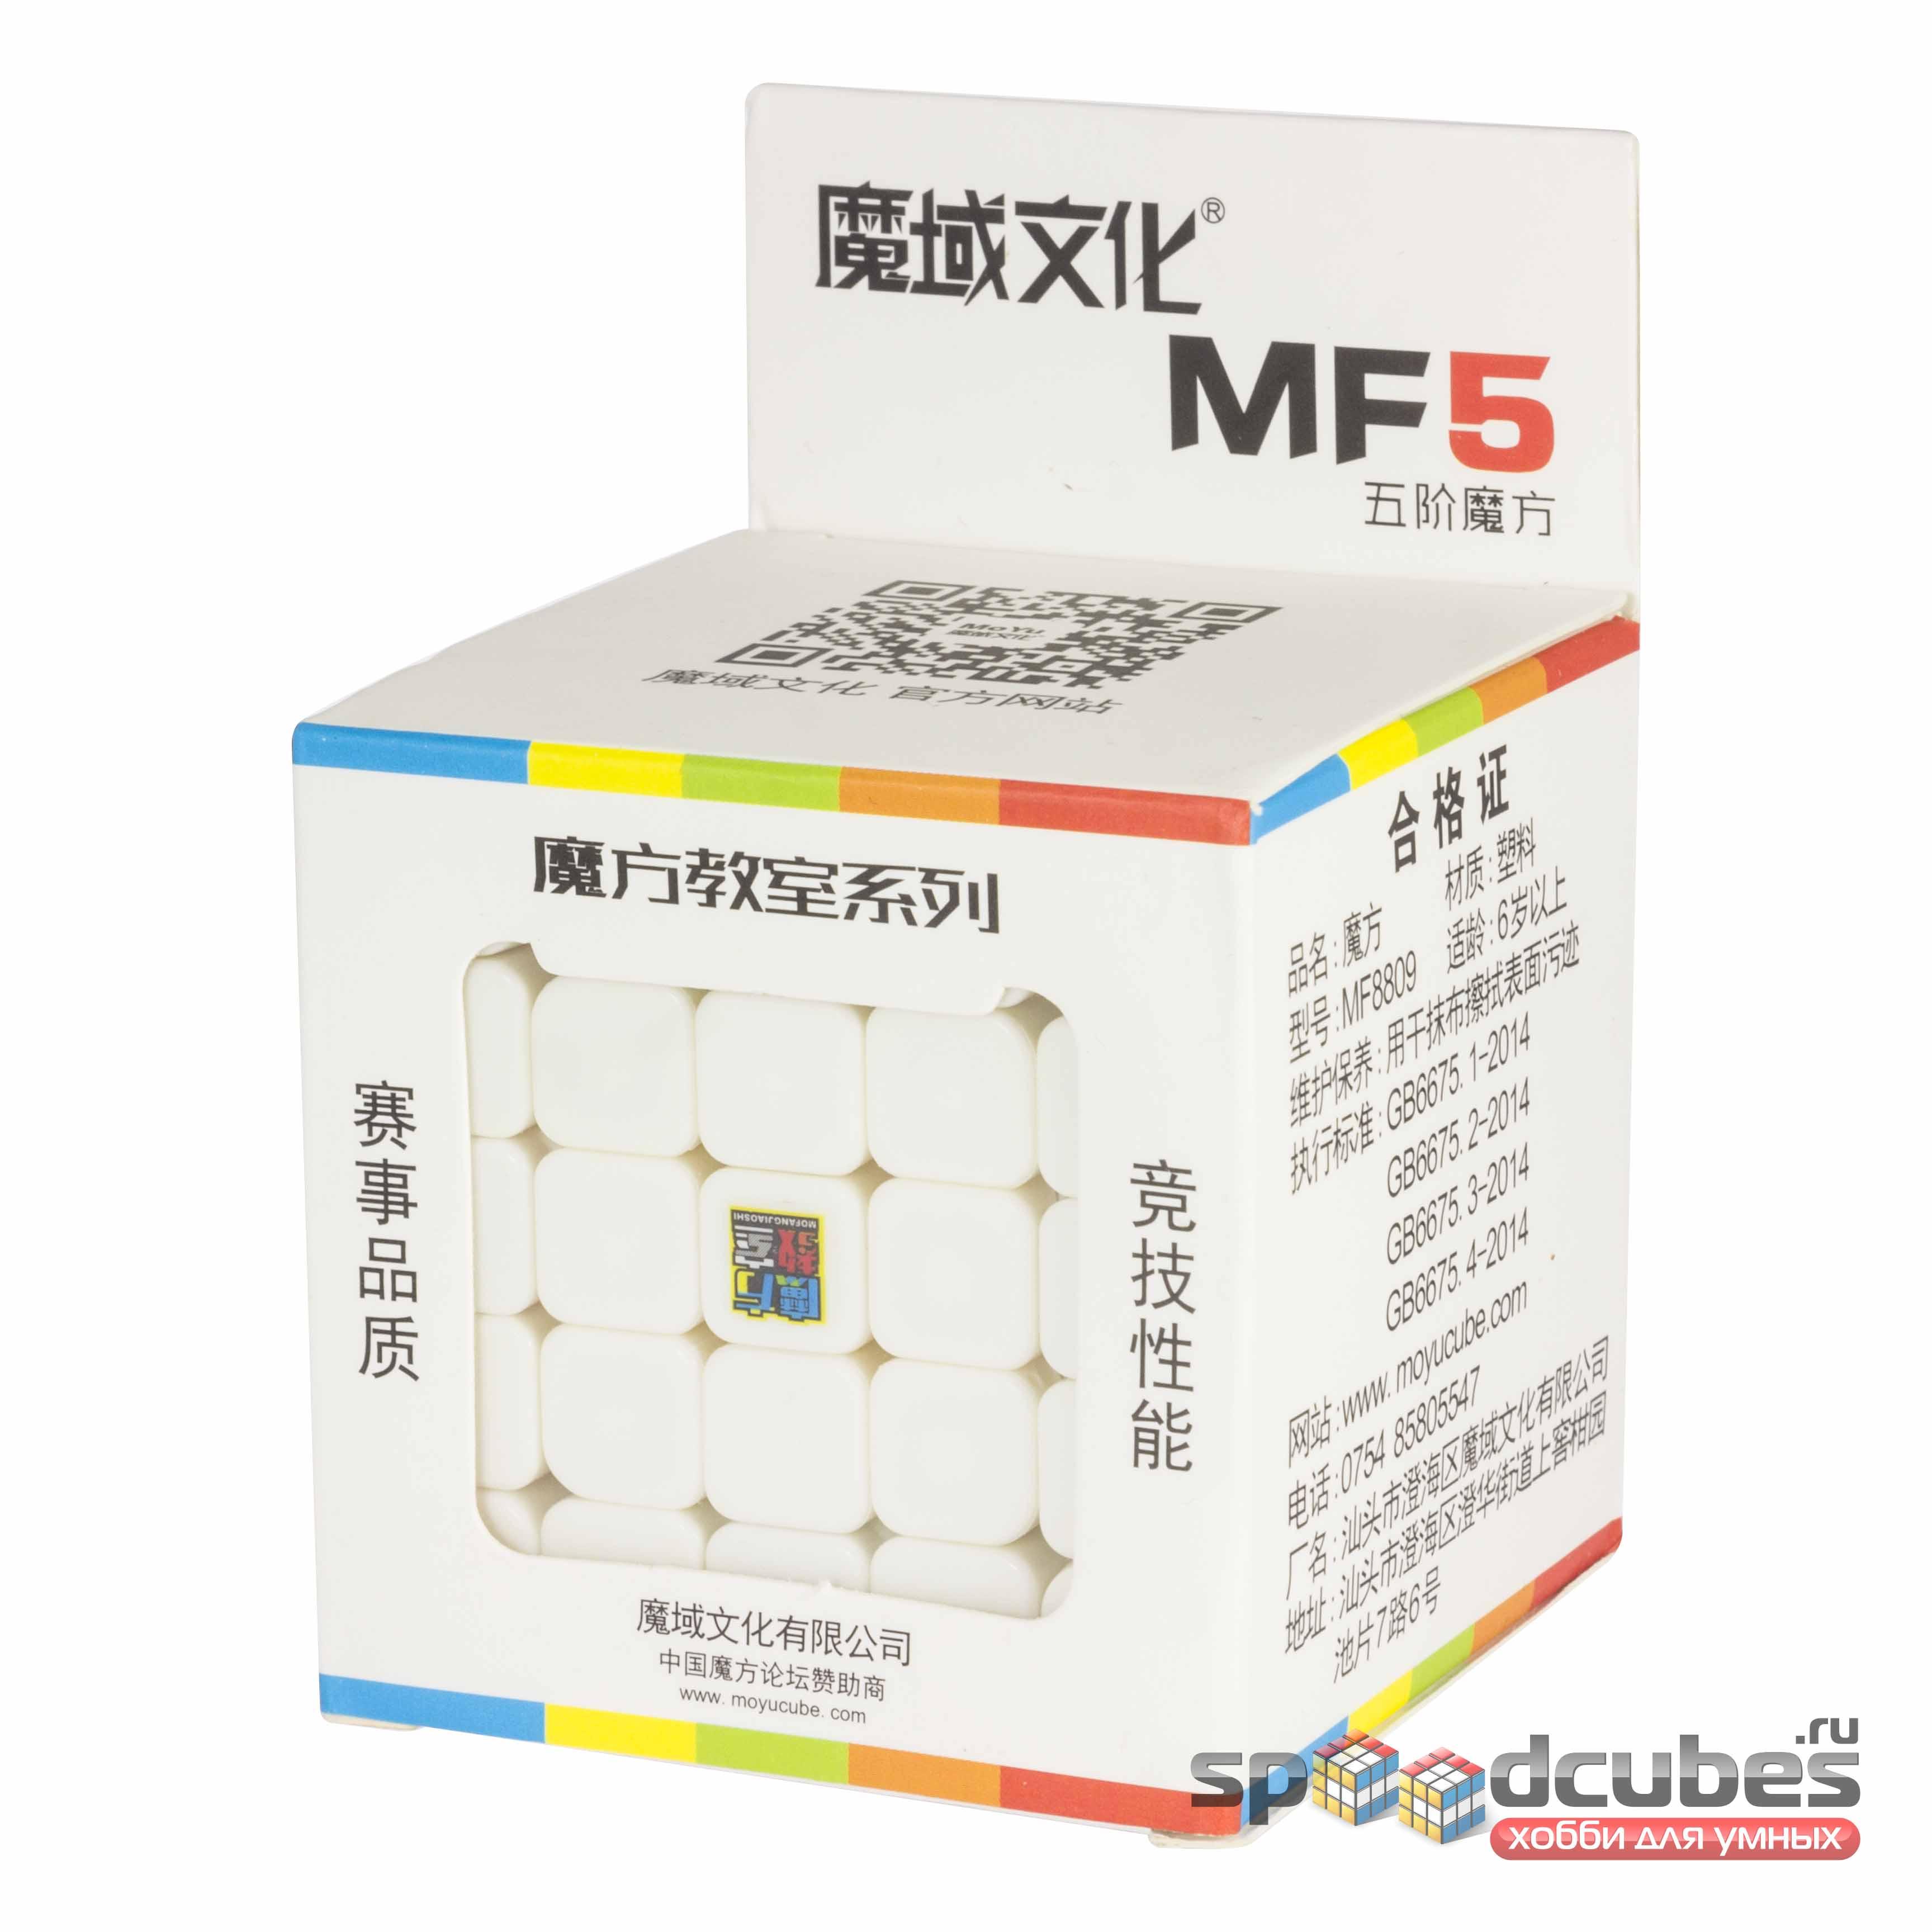 MoYu 5x5x5 MofangJiaoshi MF5 Color 1